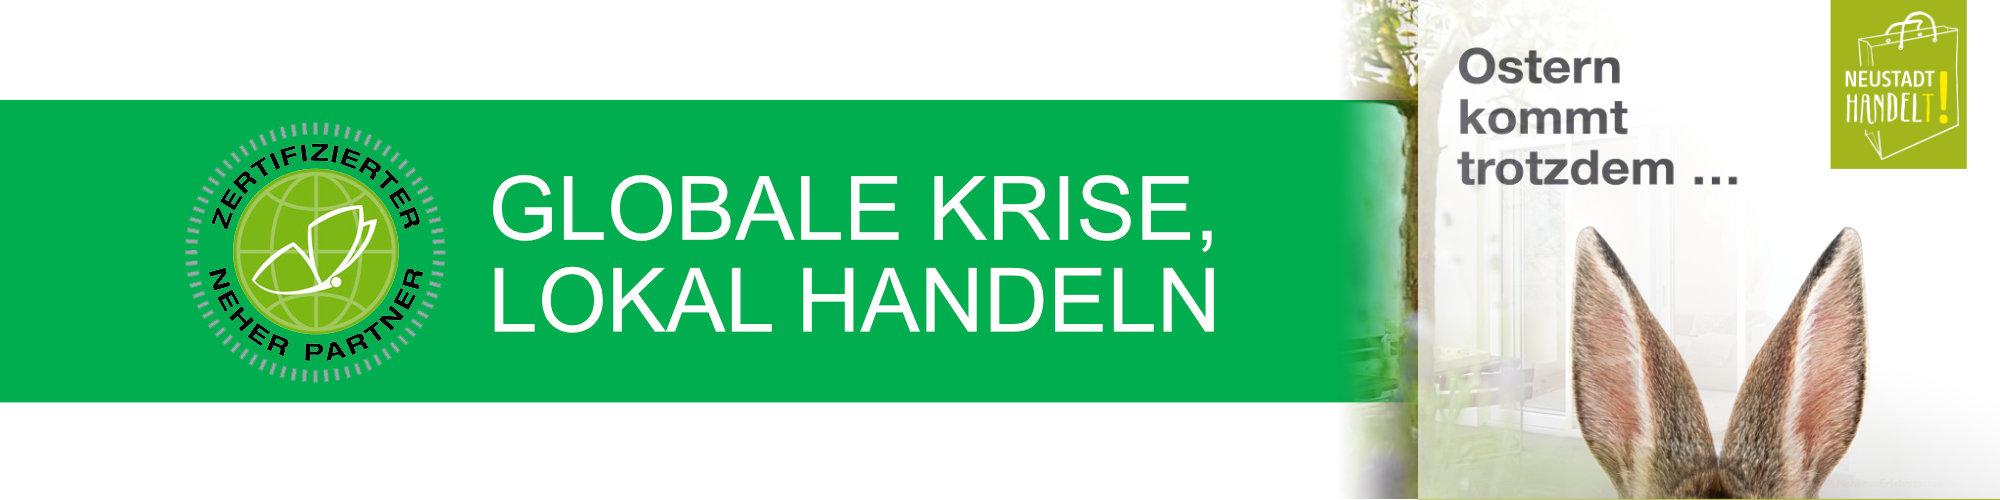 Sonflie-03-Fliegengitter07-Neustadt-handelt